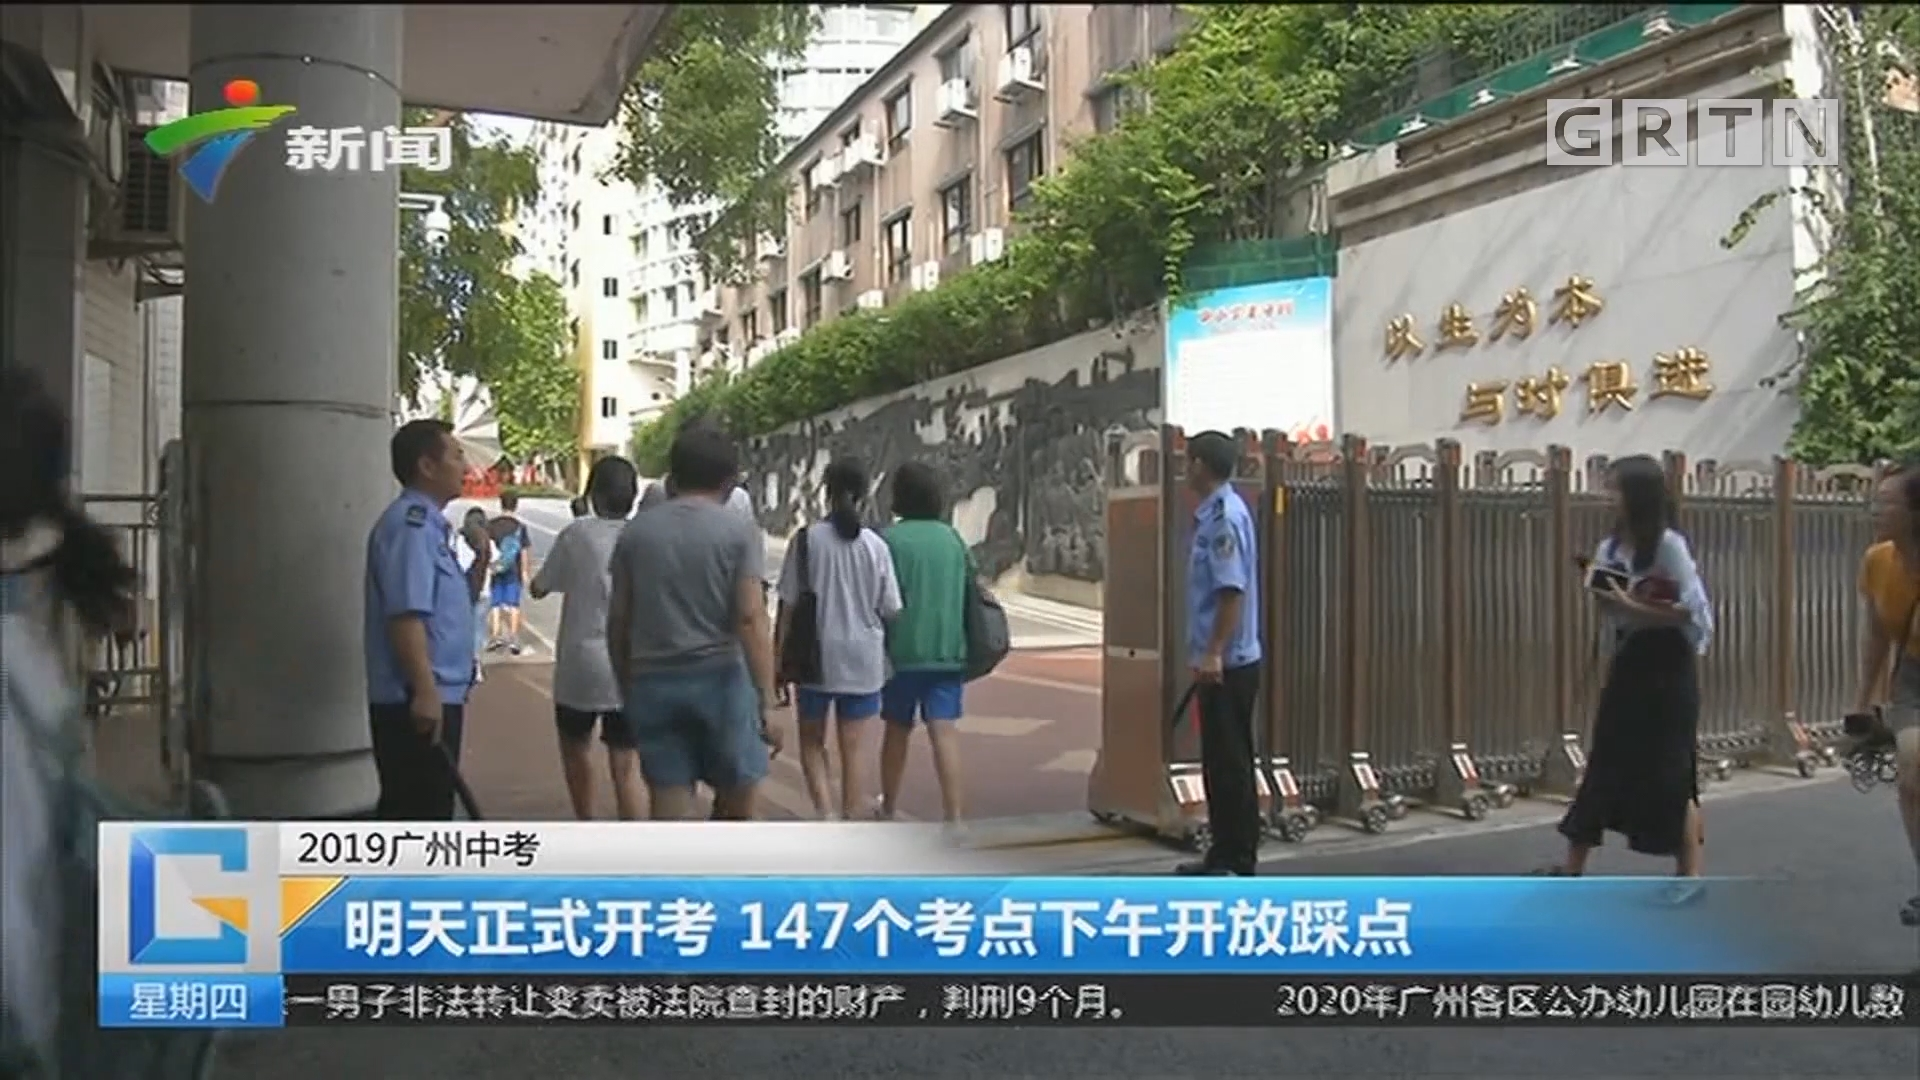 2019广州中考:明天正式开考 147个考点下午开放踩点